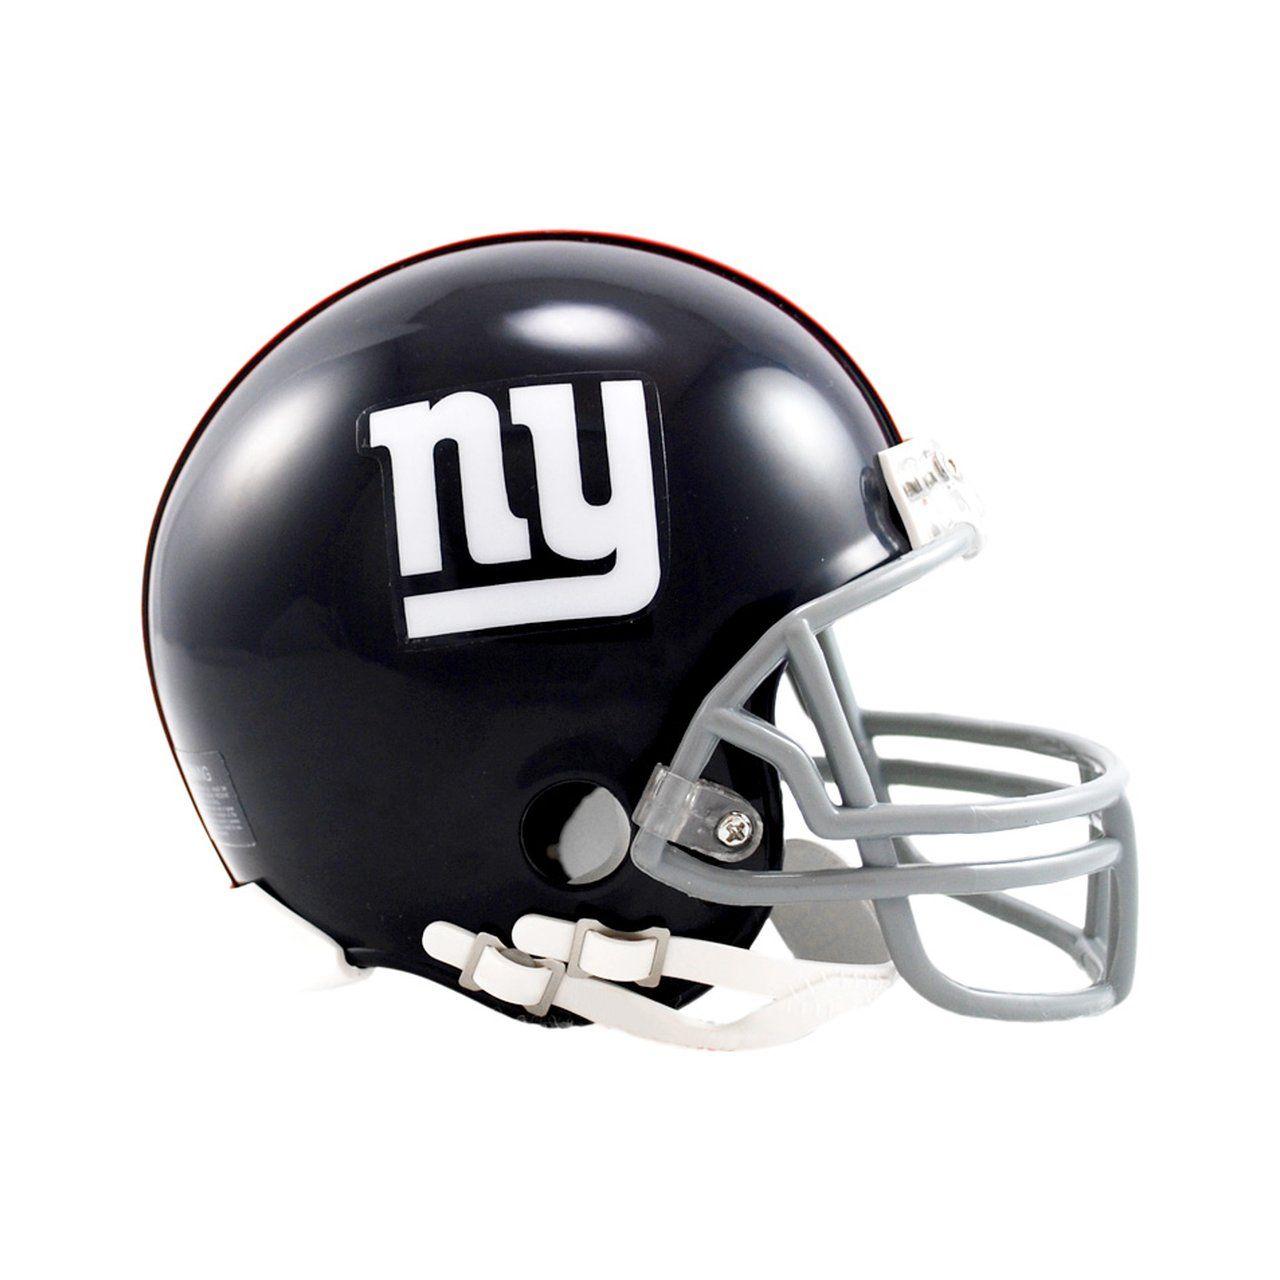 amfoo - Riddell VSR4 Mini Football Helm - New York Giants 1961-74